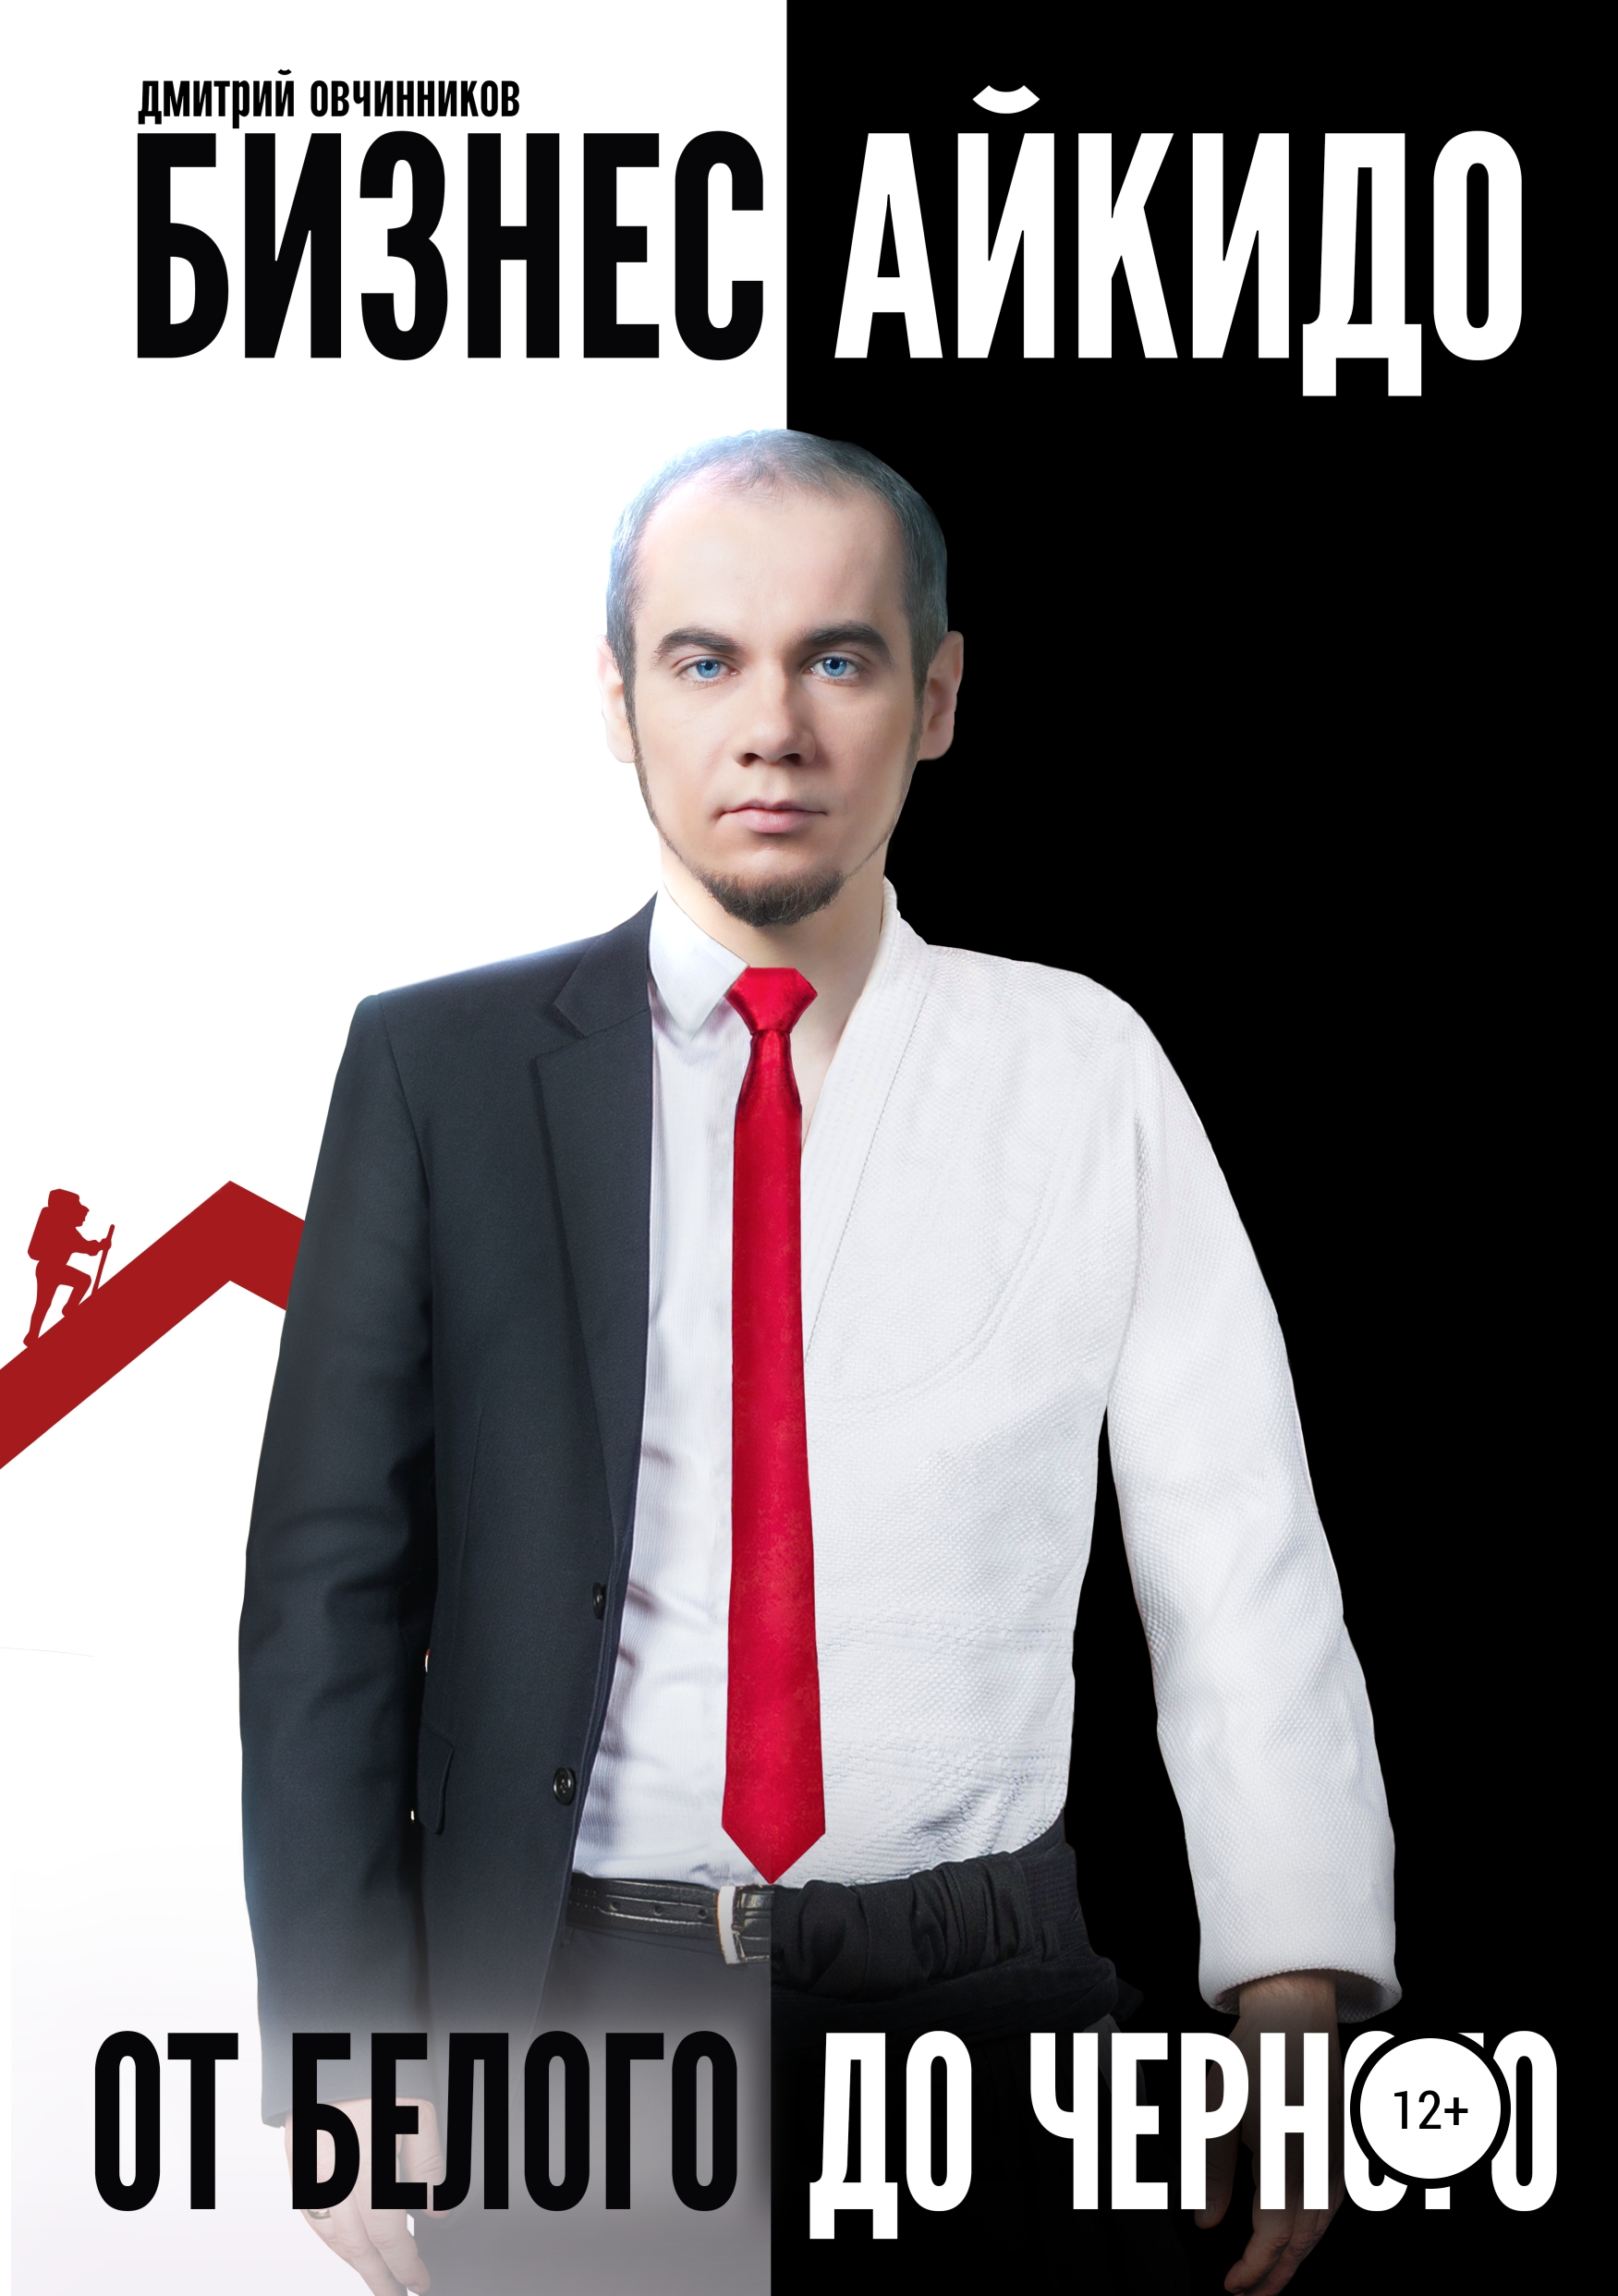 Обложка книги. Автор - Дмитрий Овчинников